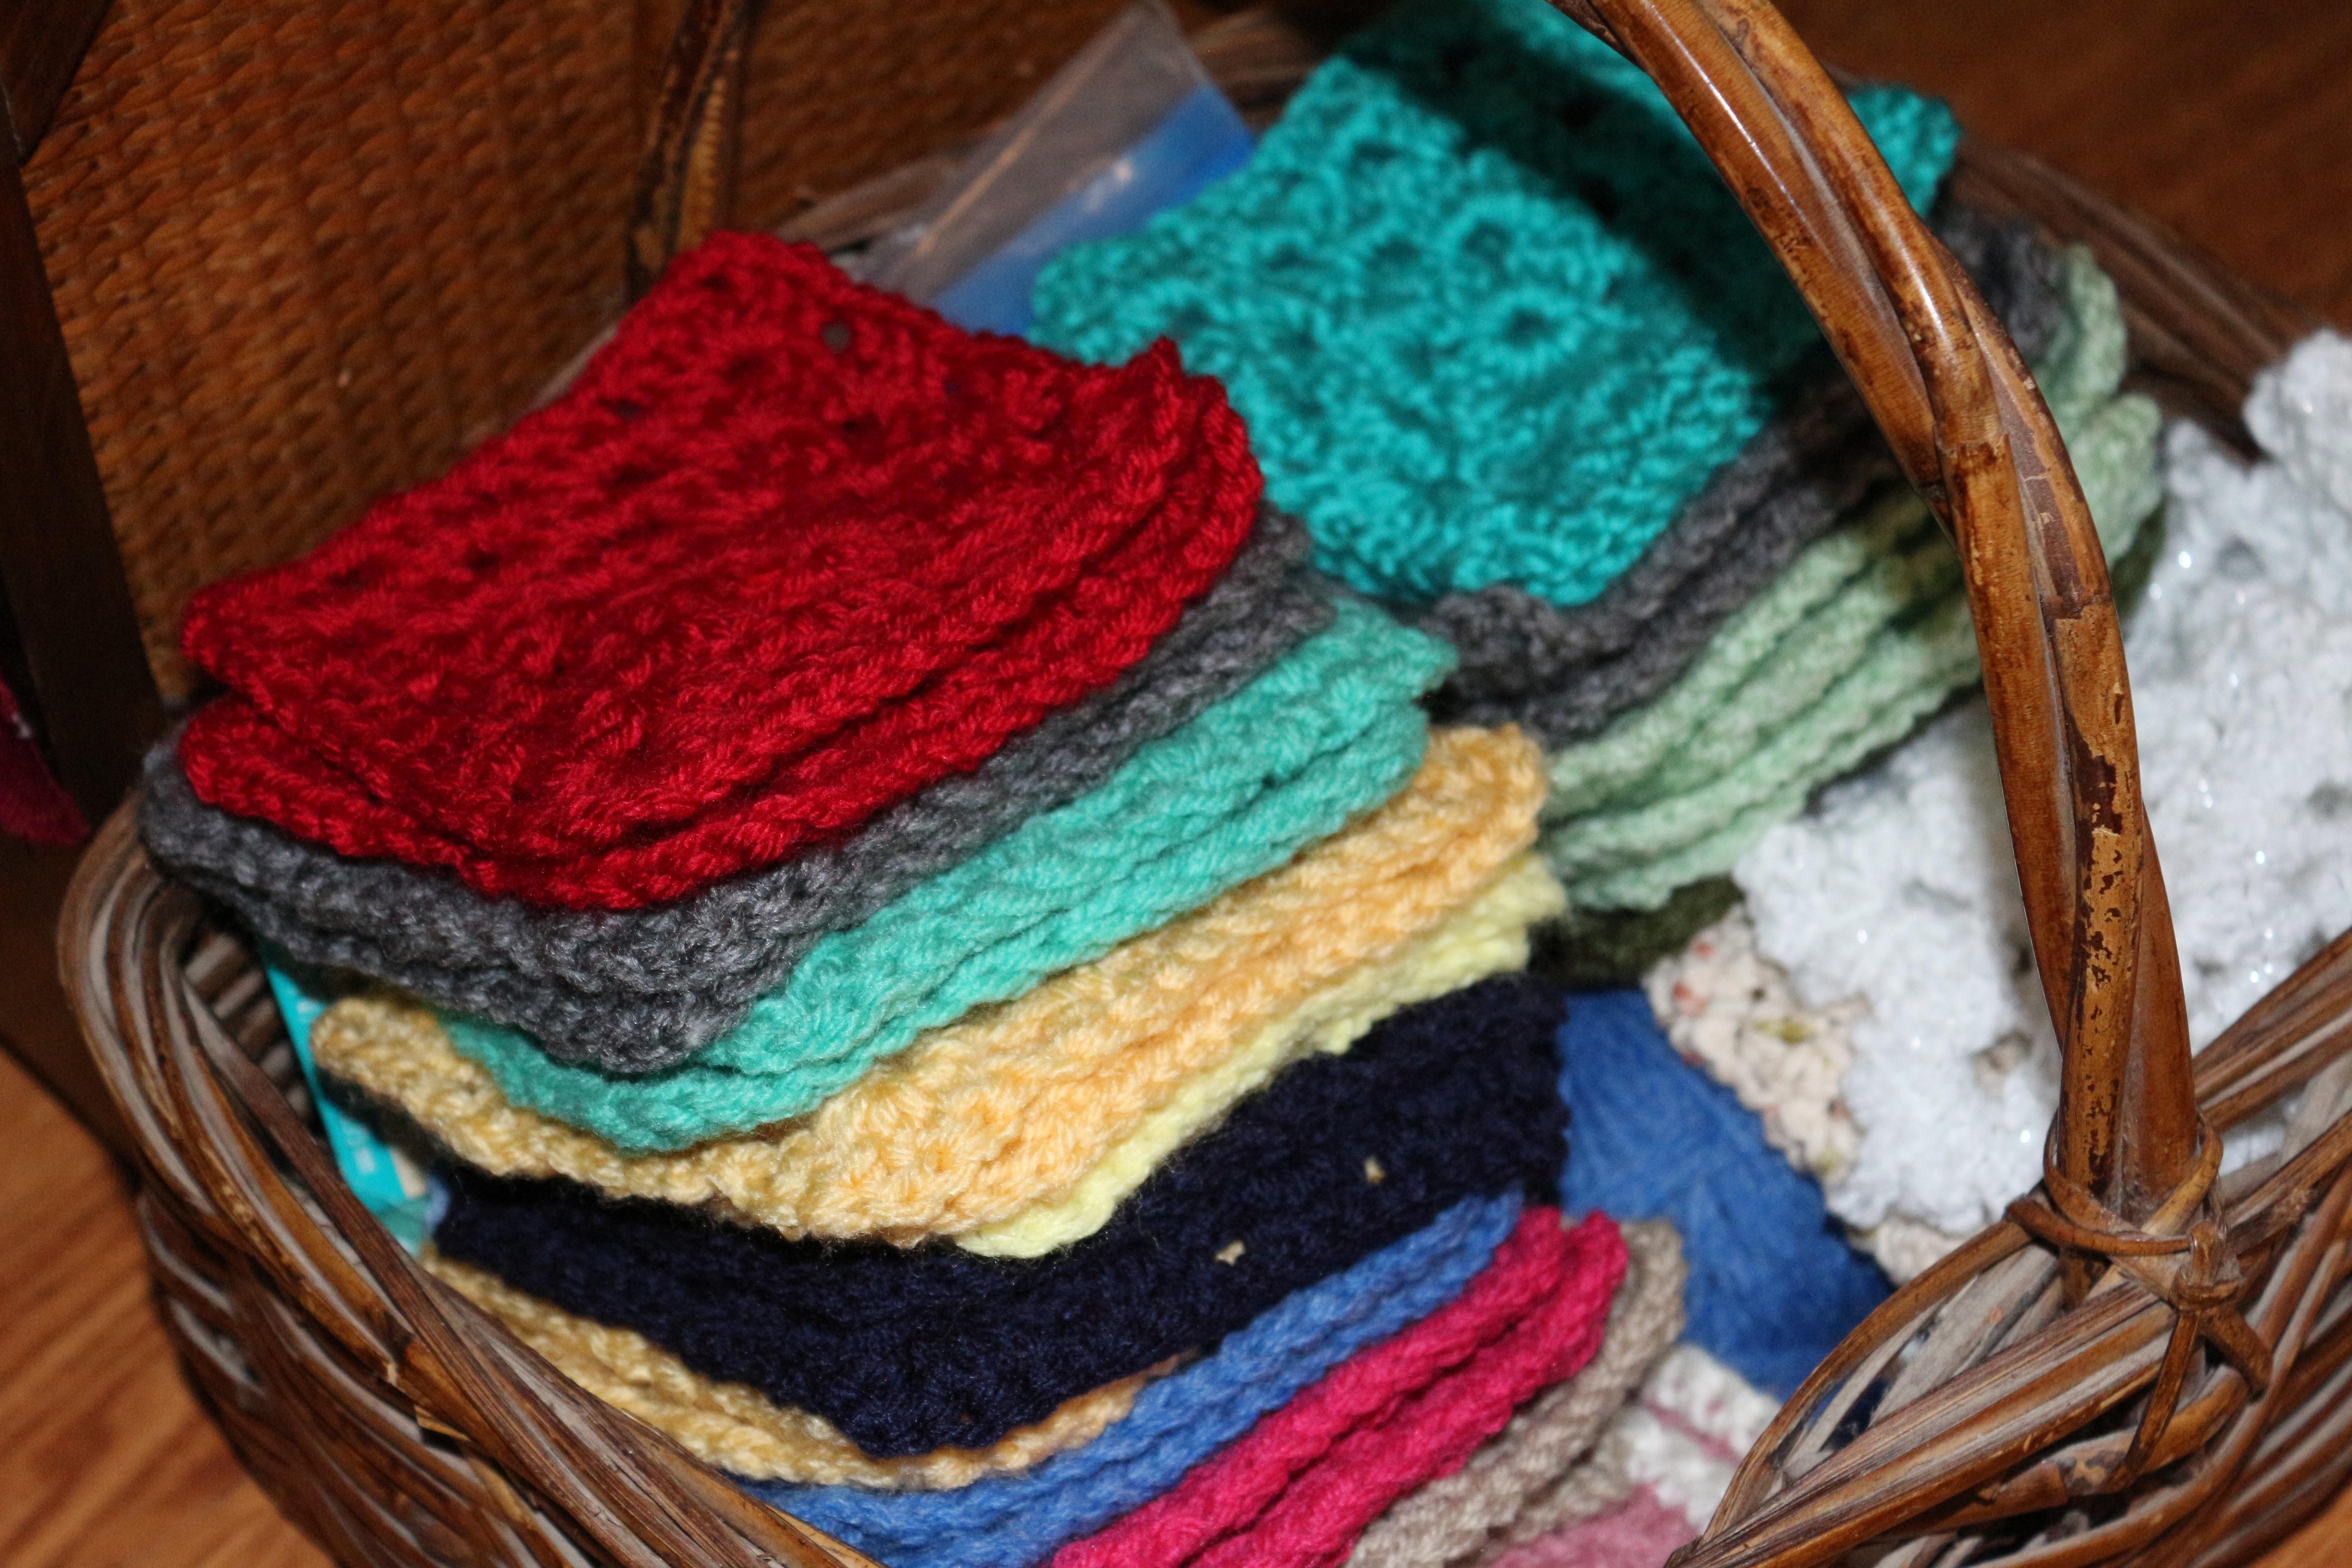 Fotos gratis : patrón, arte, ropa, tejer, hecho en casa, hilo, de ...